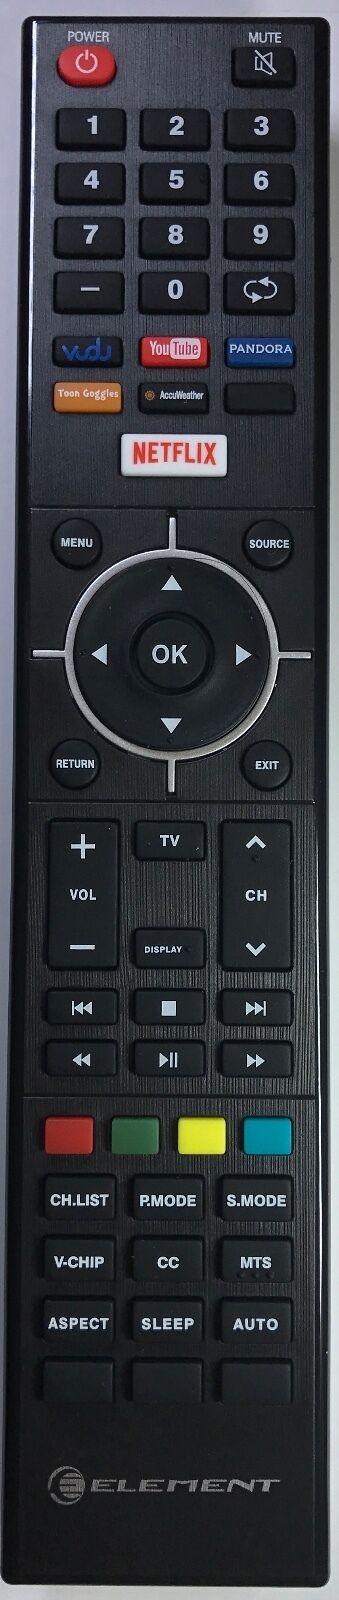 Element Elsf502 Tv Remote Control Original Netflix Youtub...